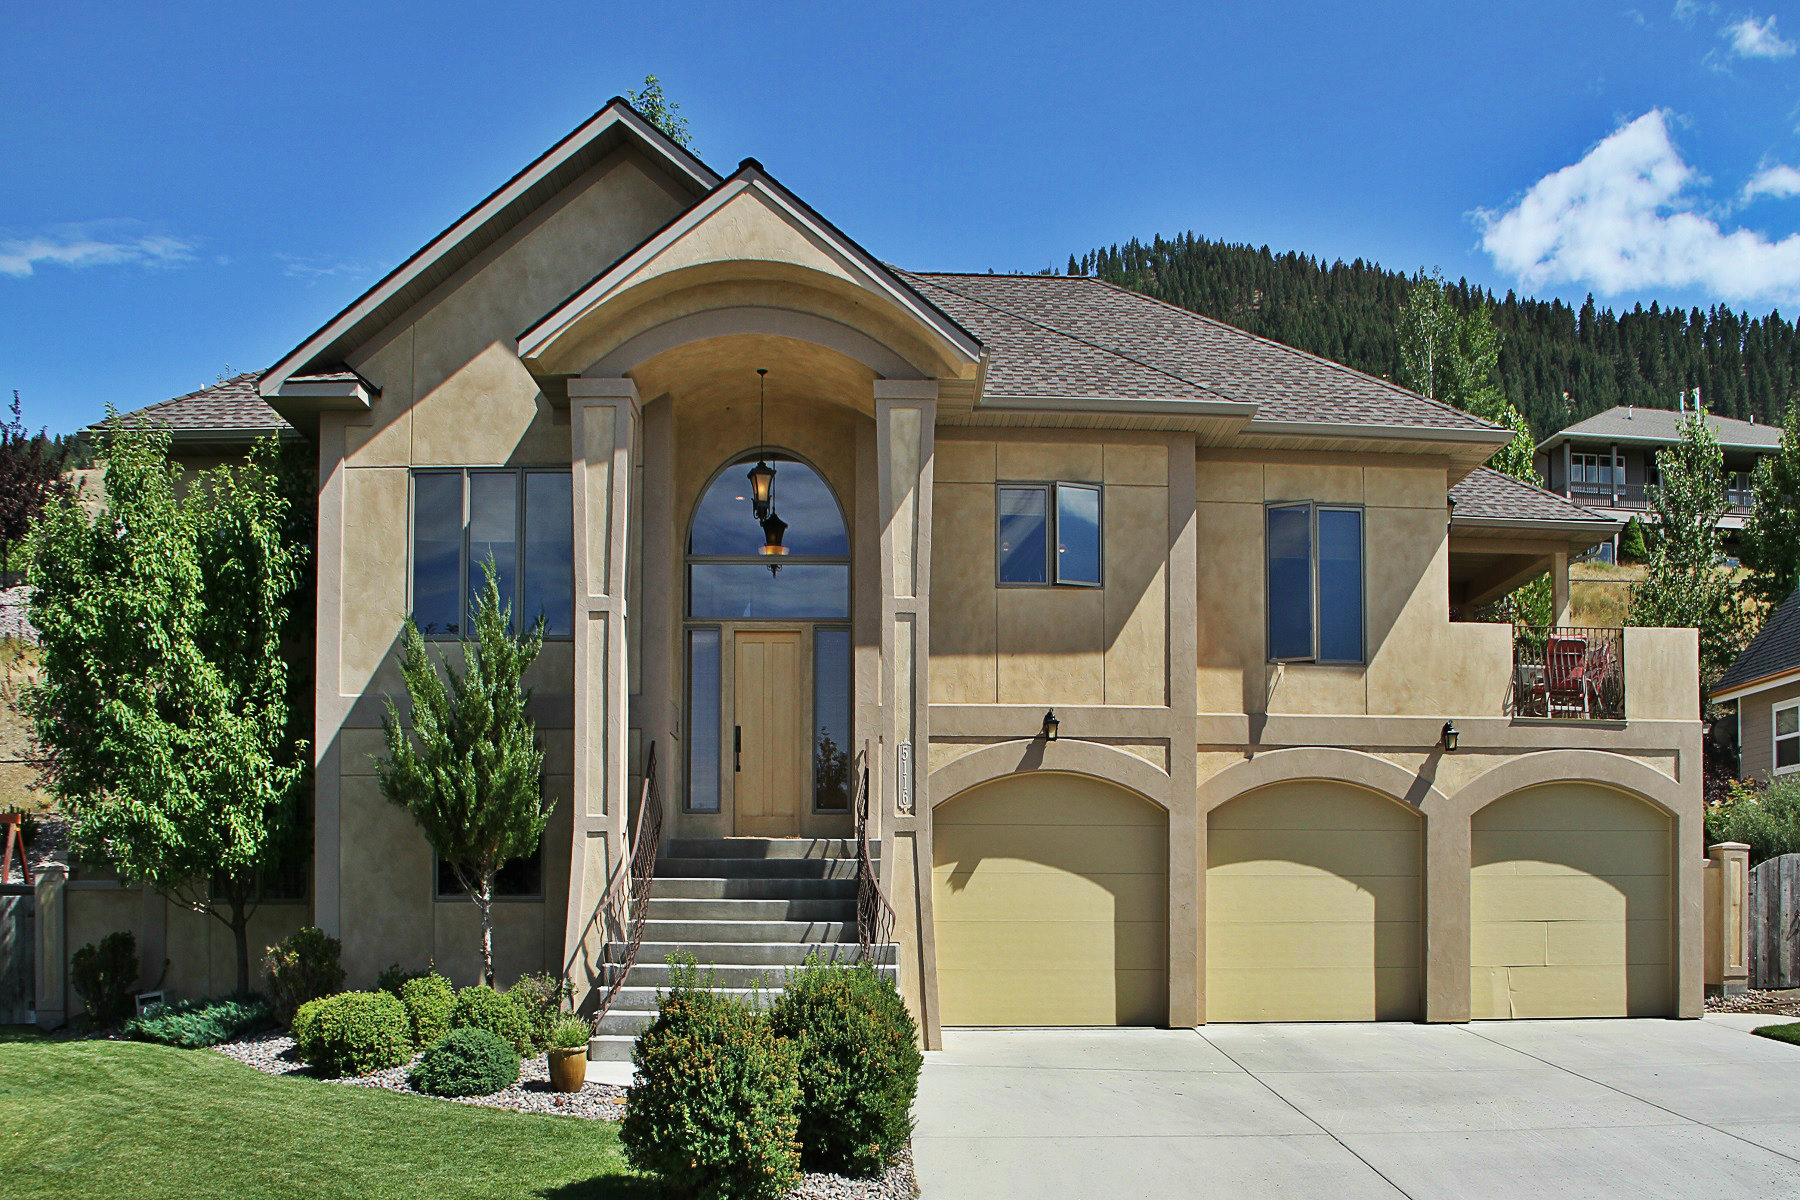 Tek Ailelik Ev için Satış at 5116 Pintlar Mountain Court 5116 Pintlar Mountain Ct Missoula, Montana, 59803 Amerika Birleşik Devletleri